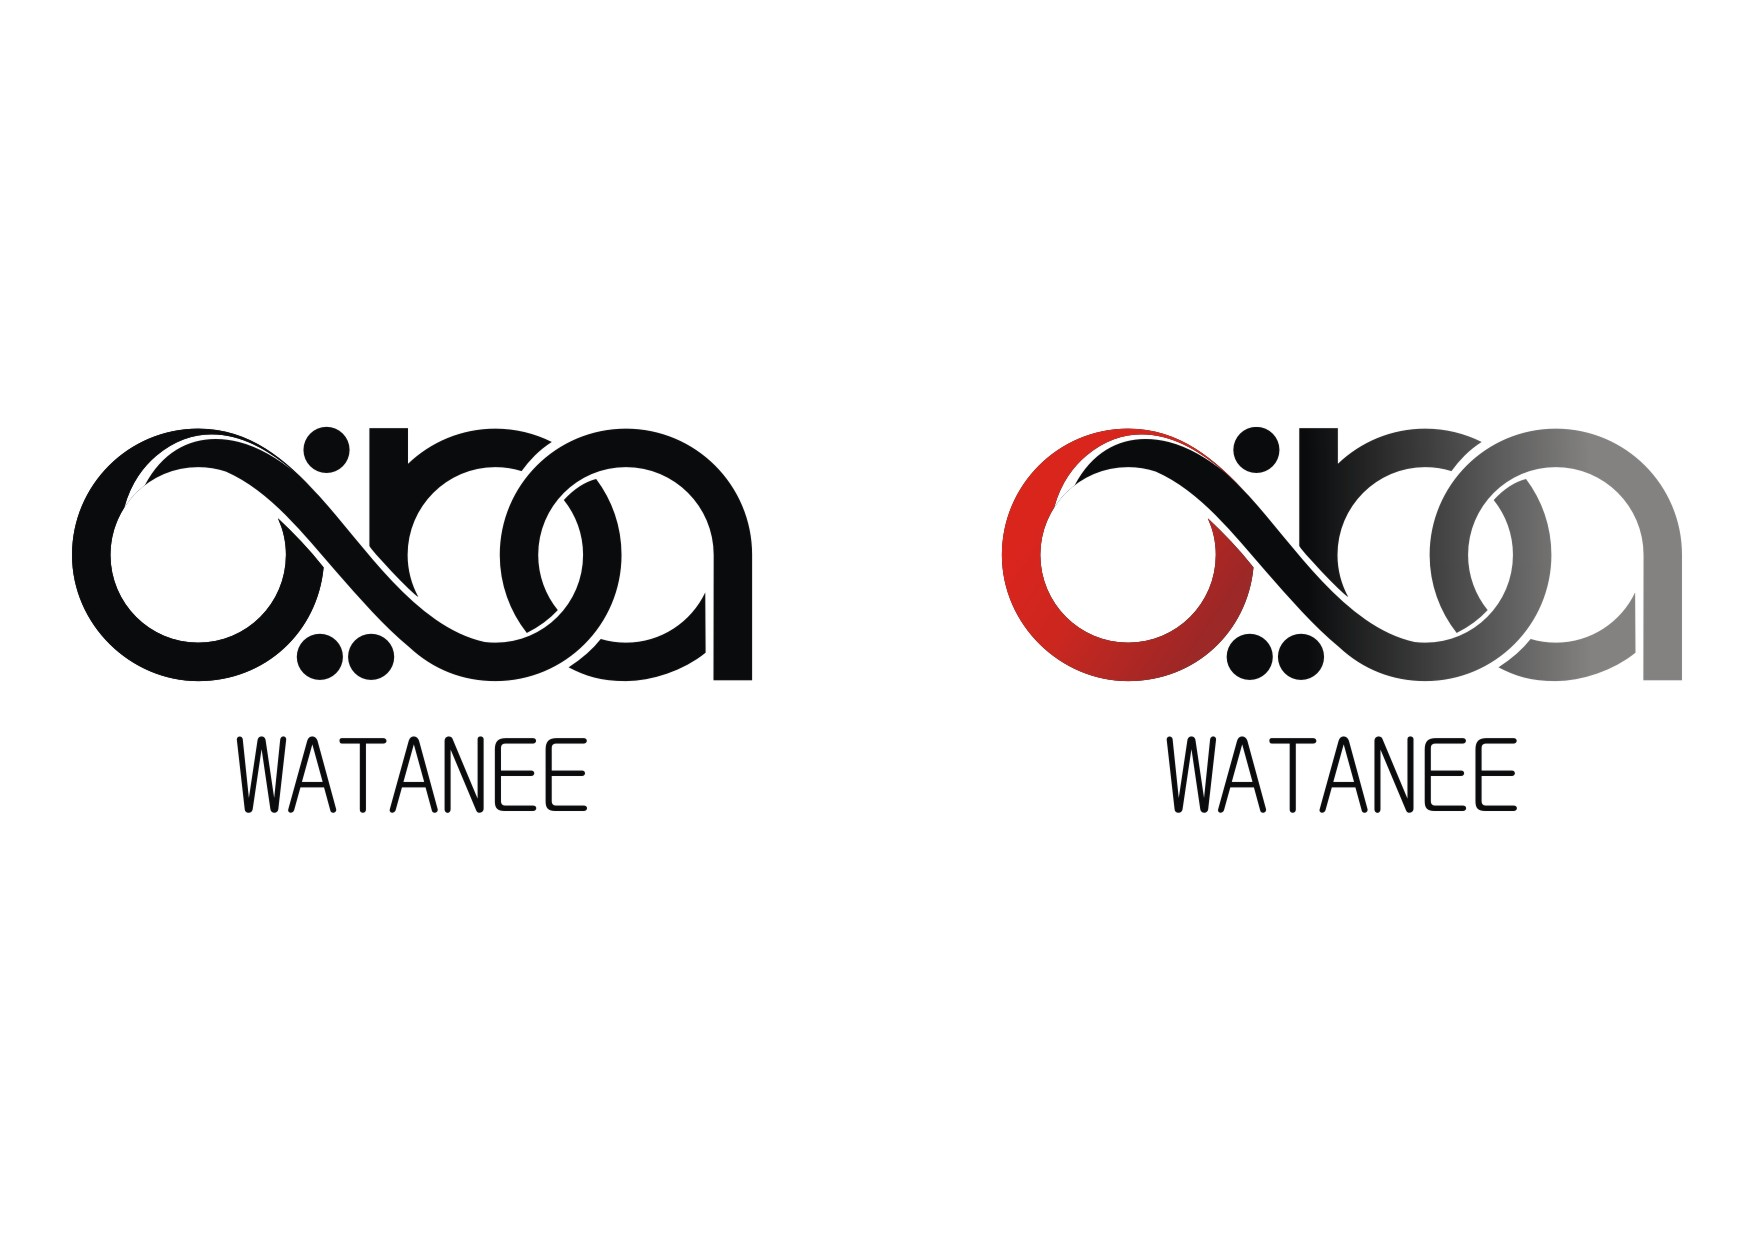 Watanee001_003